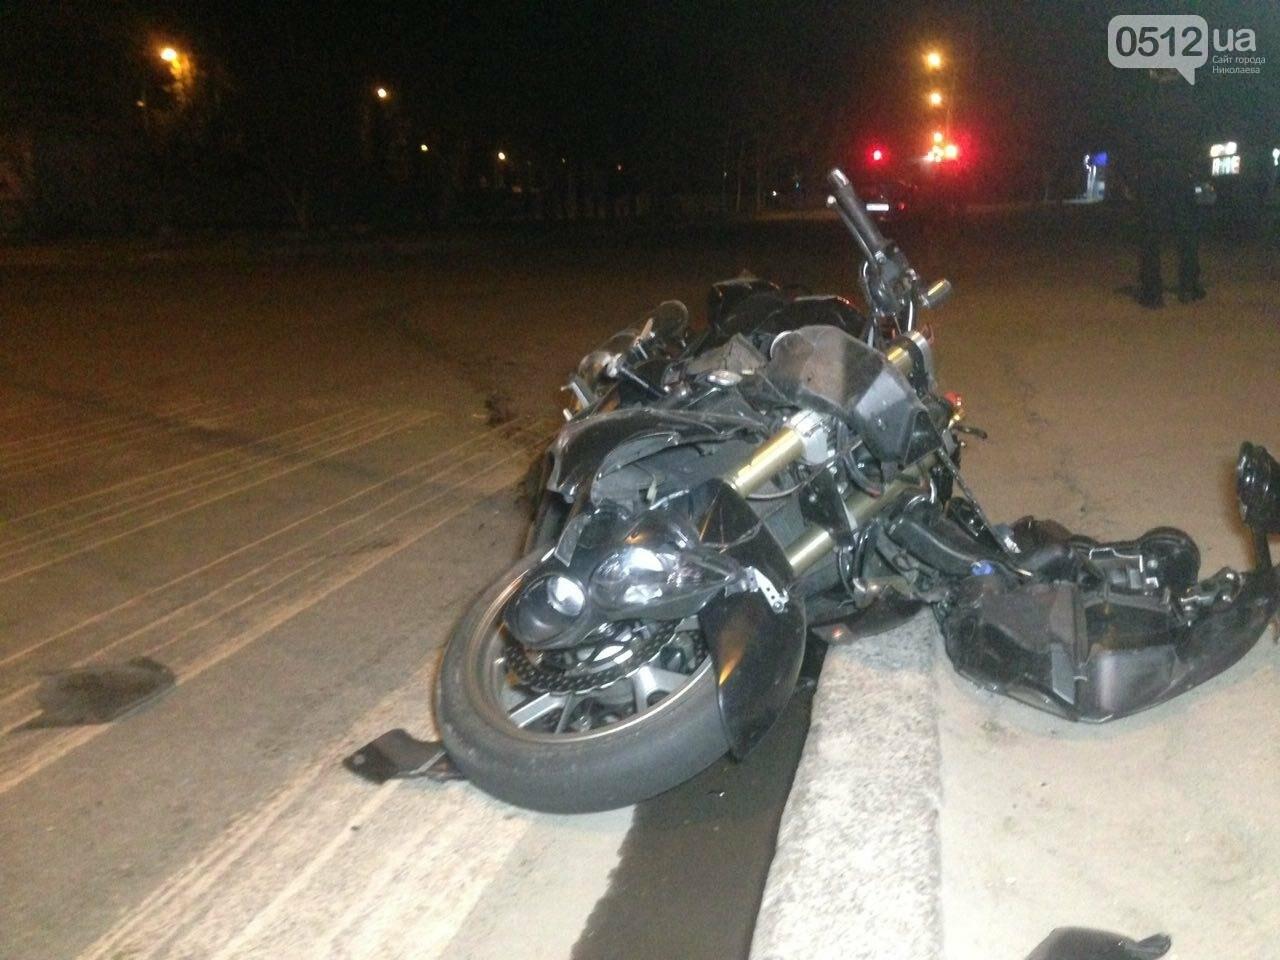 В Николаеве пьяный мотоциклист на большой скорости въехал в легковушку: есть пострадавшие, - ФОТО , фото-2